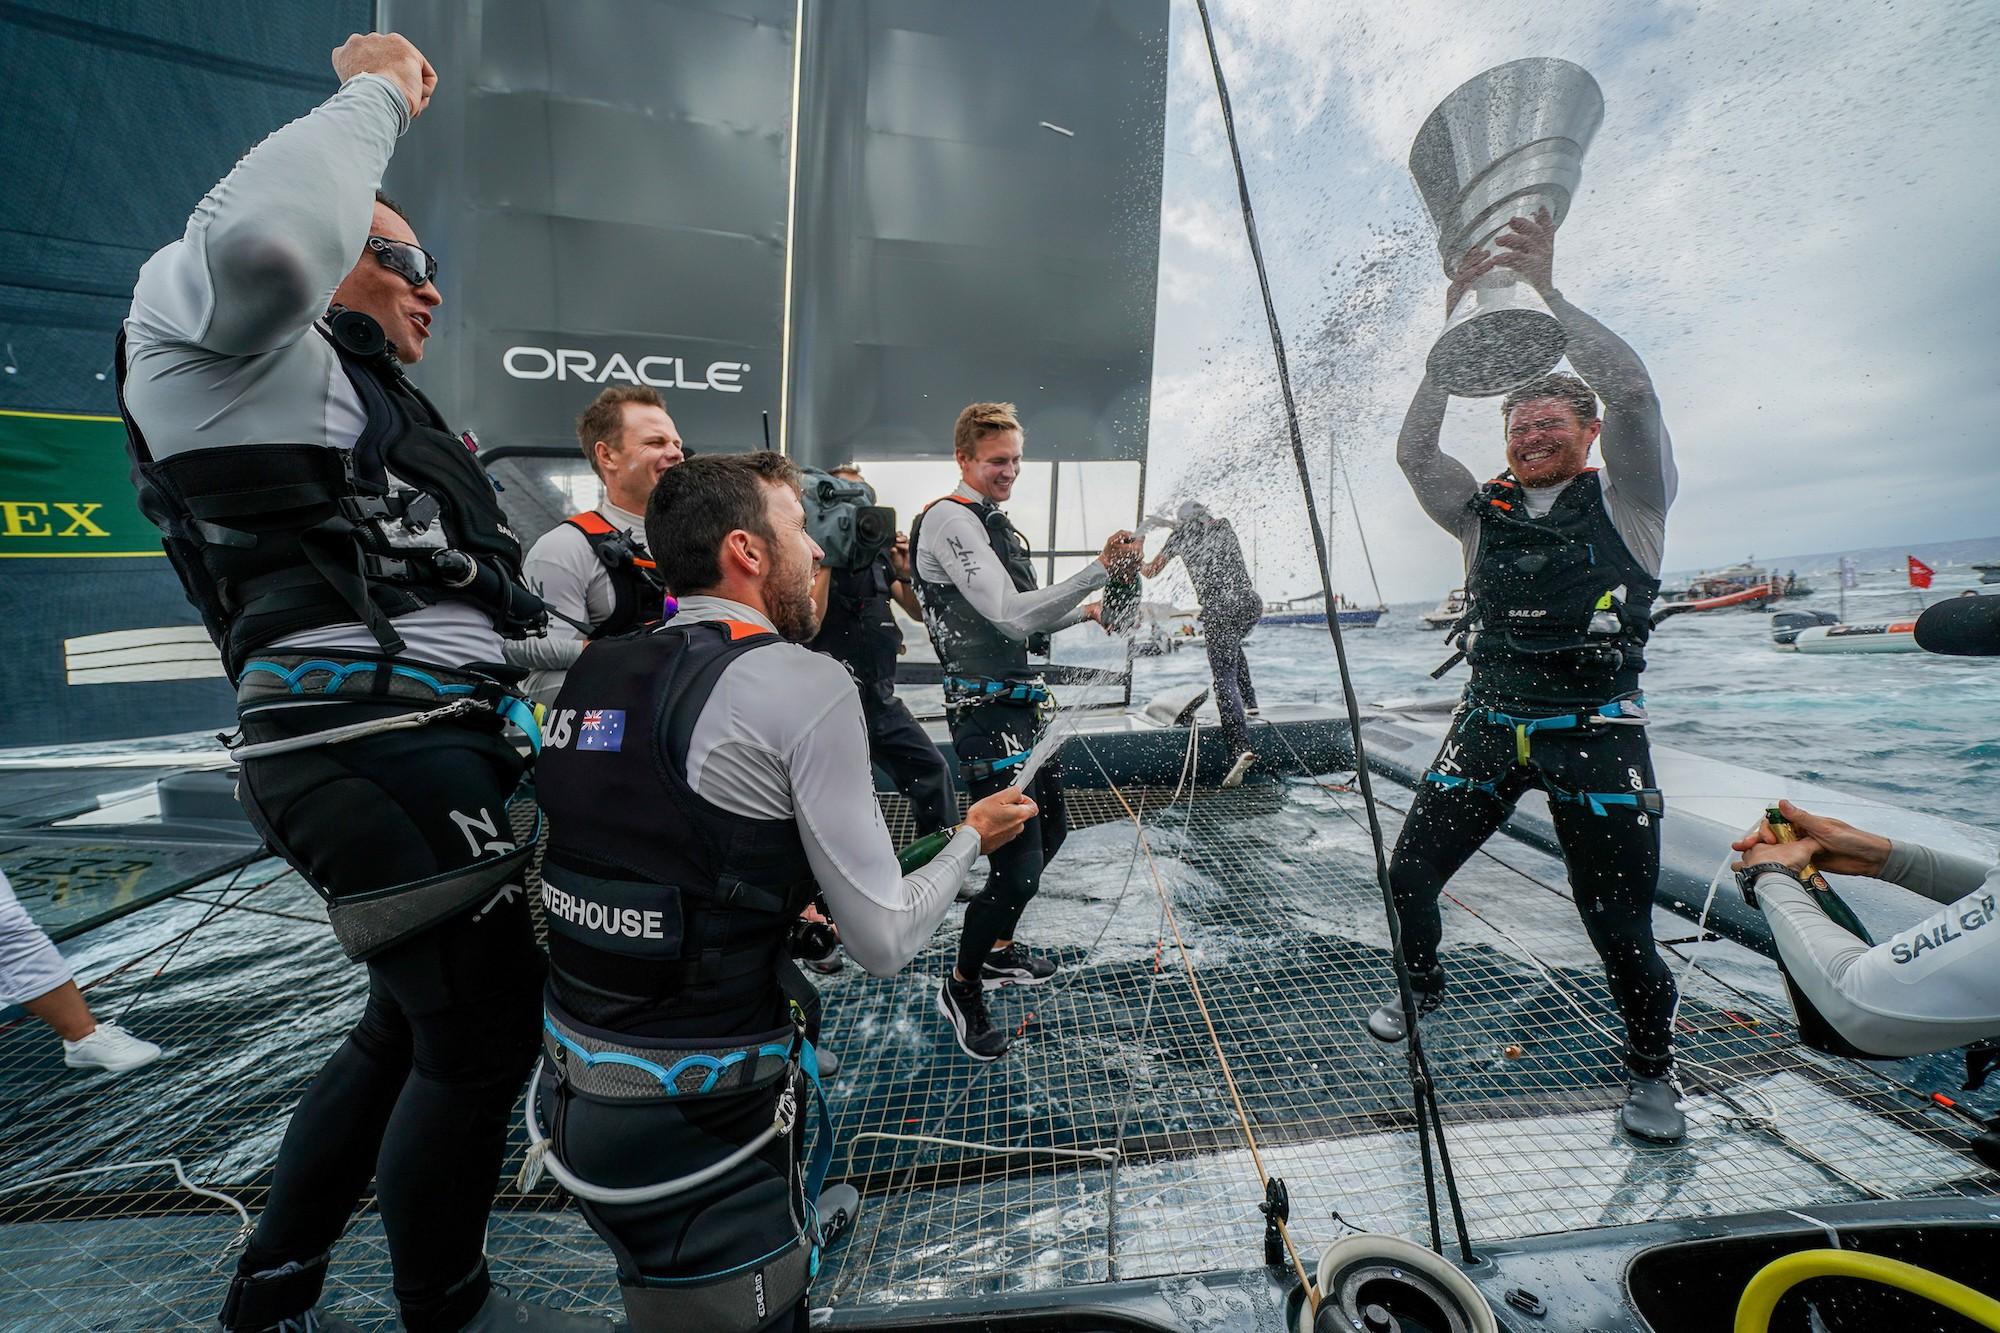 澳大利亚队获得第一赛季总冠军及100万美元奖金.JPG